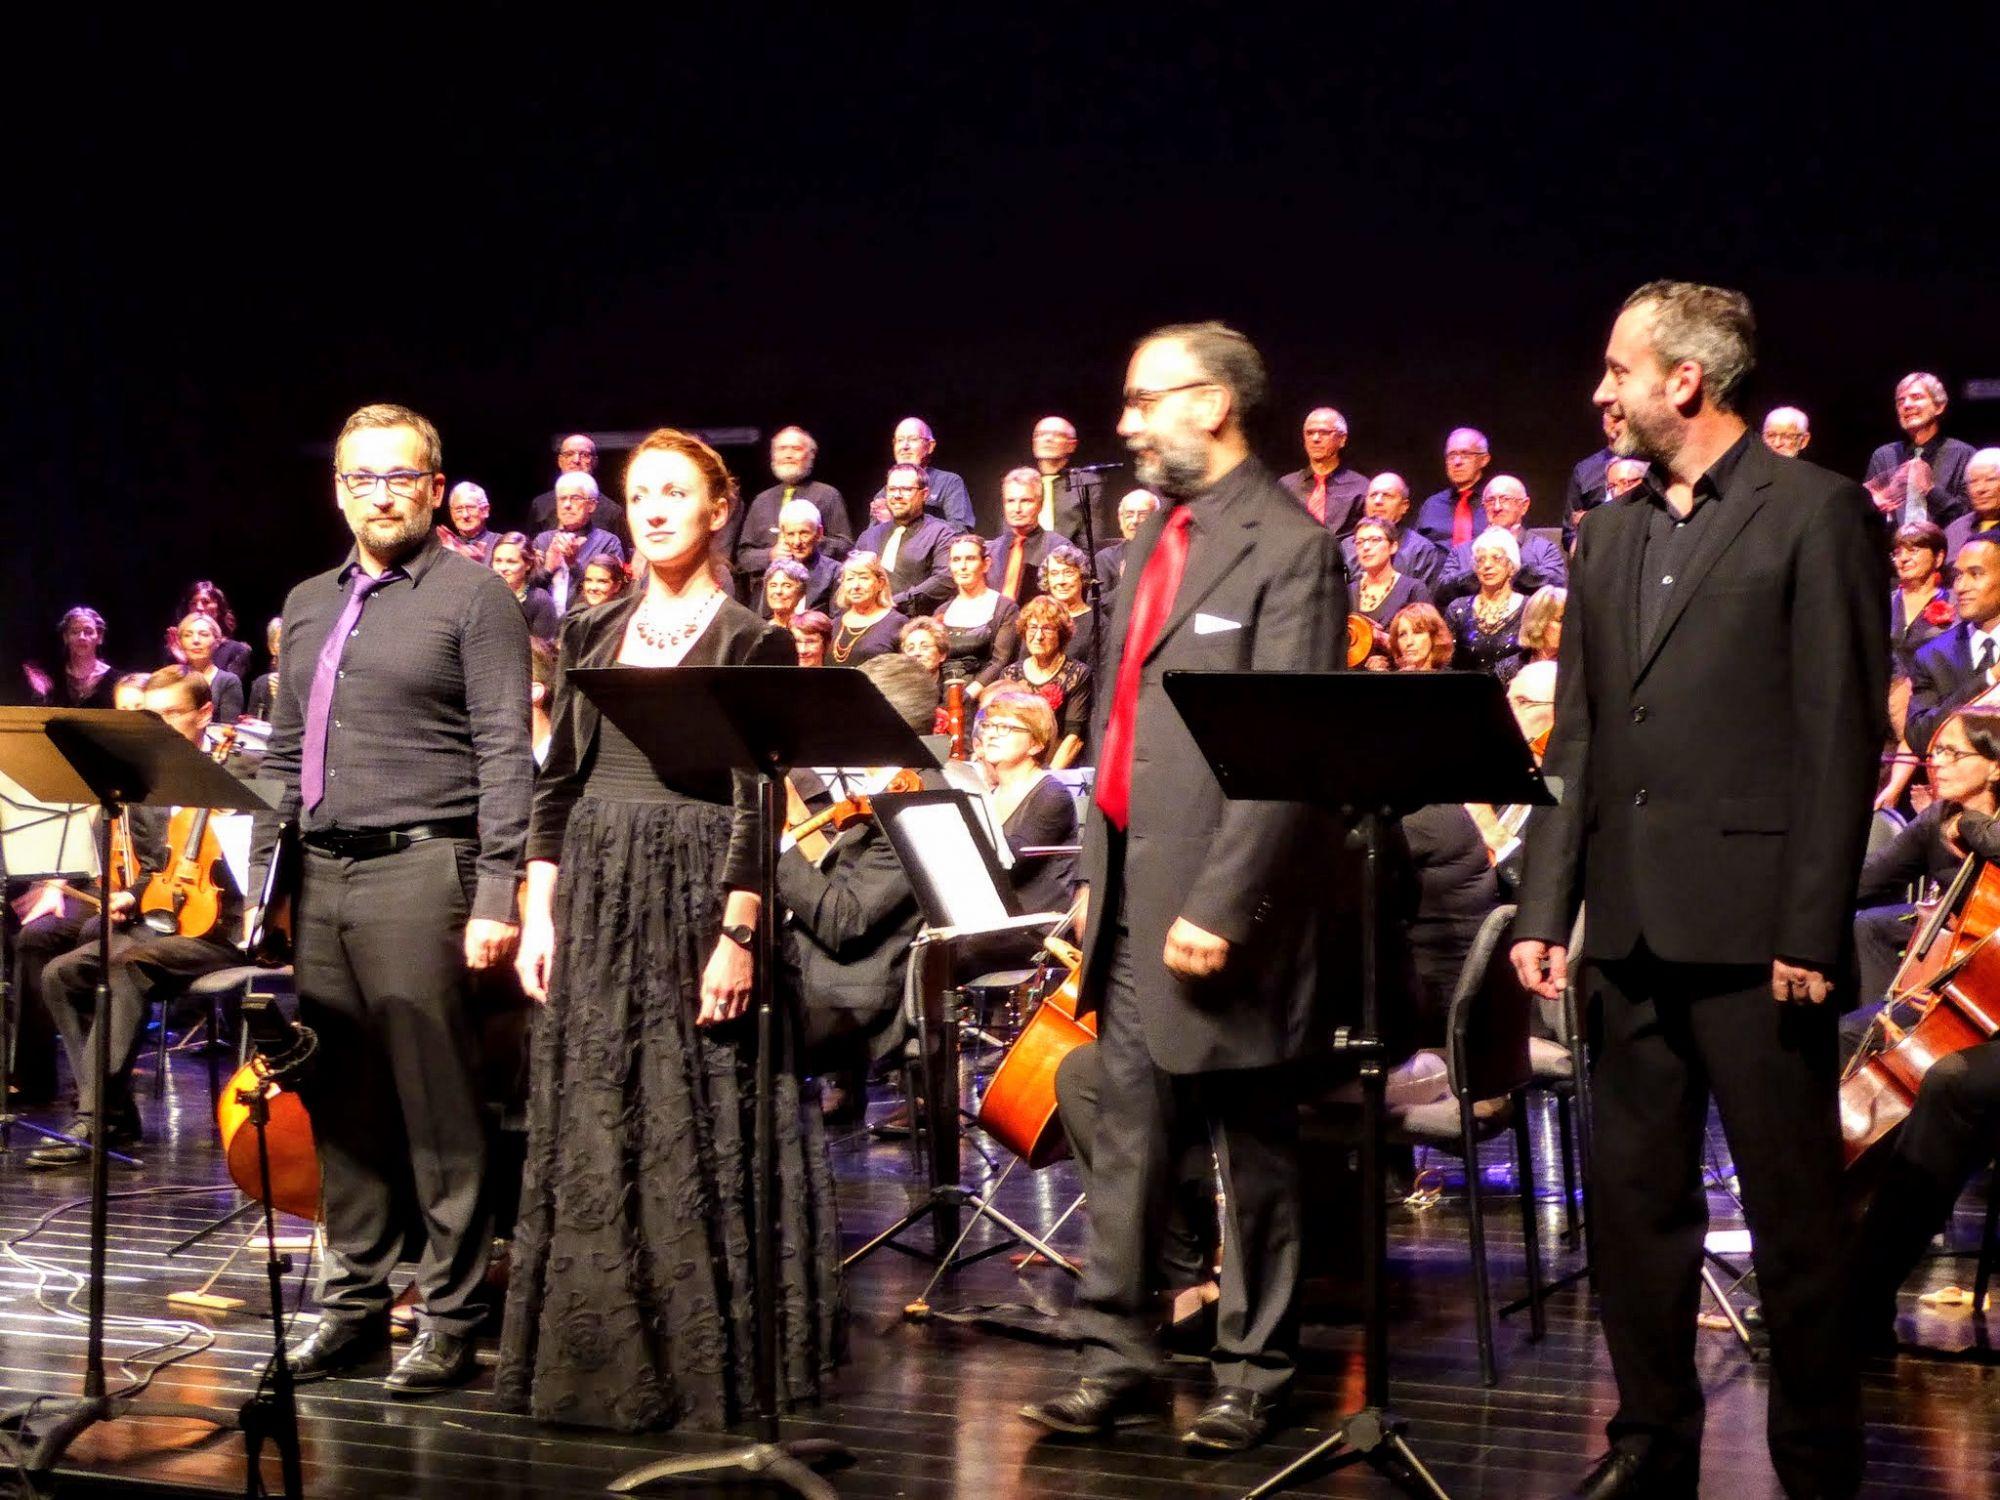 symphonia-19-novembre-2016-19-11-2016-23-56-30